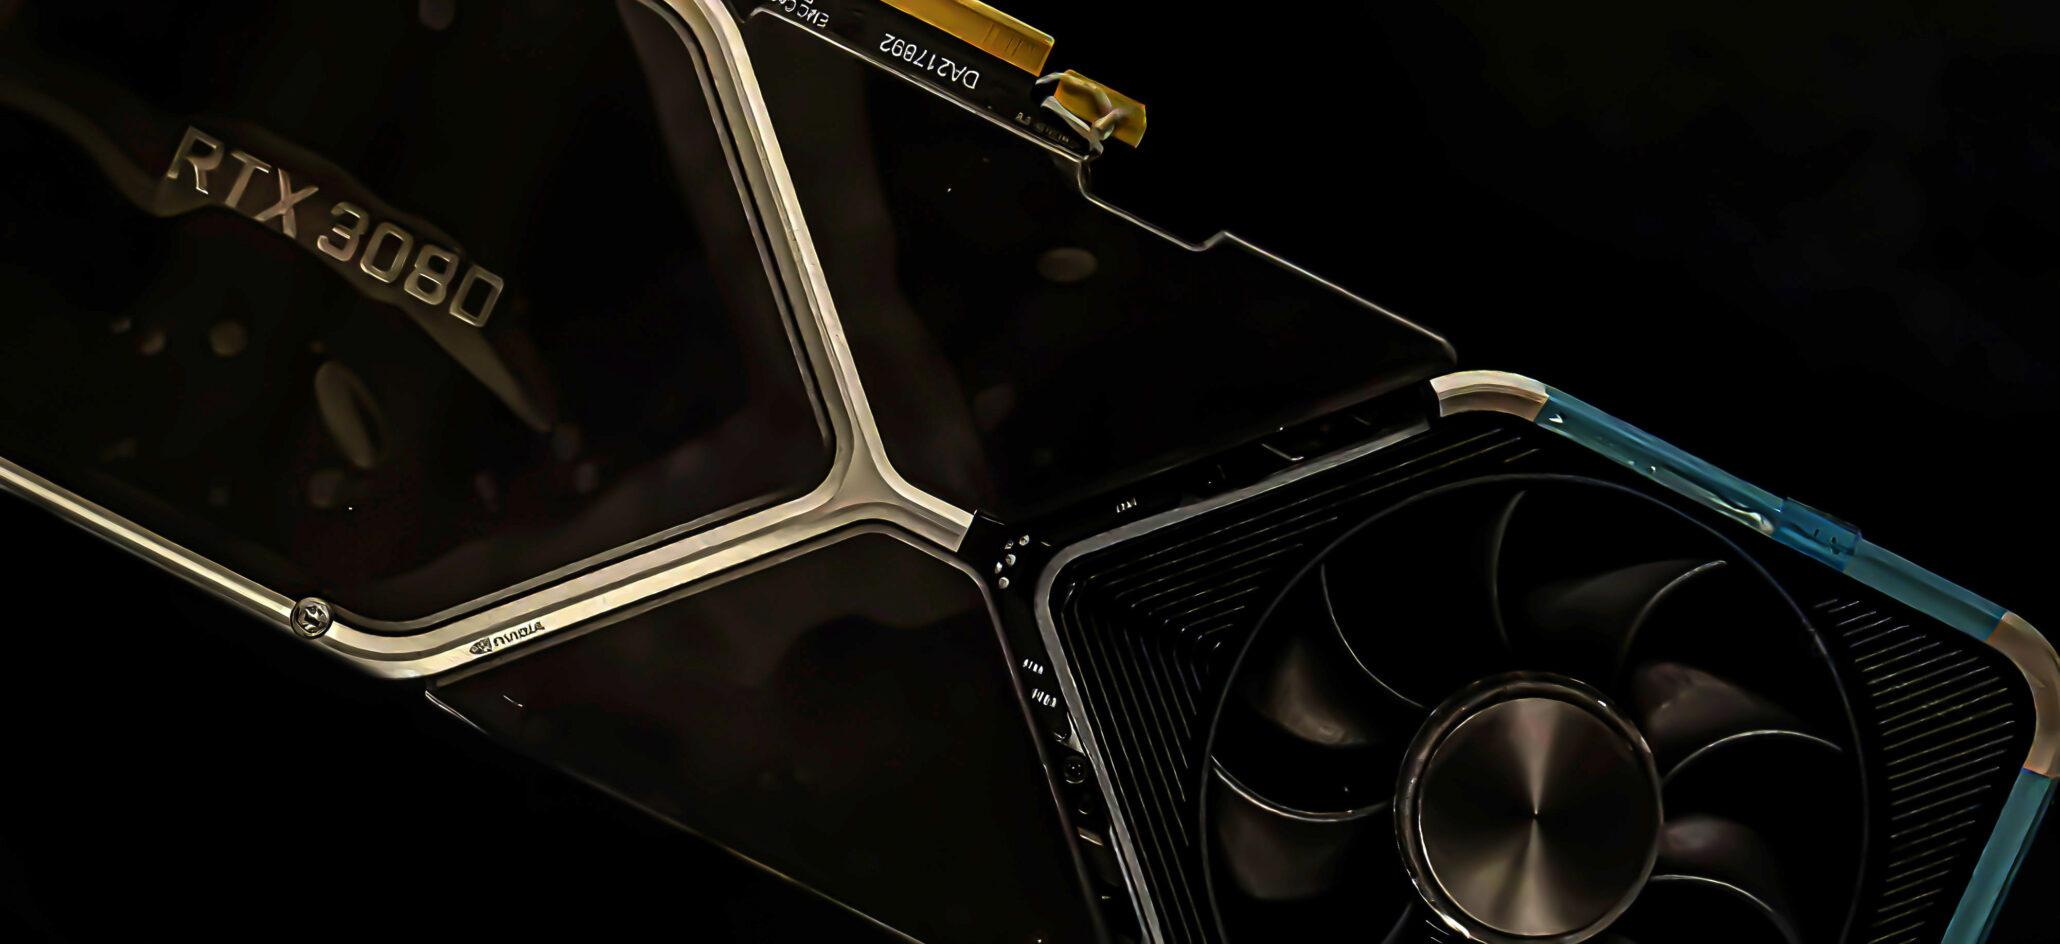 NVIDIA GeForce RTX 3080 'Ampere' Graphics Card Memaksimalkan GPU Clock pada 2.1 GHz dan Fitur 19 Gbps GDDR6X Memory